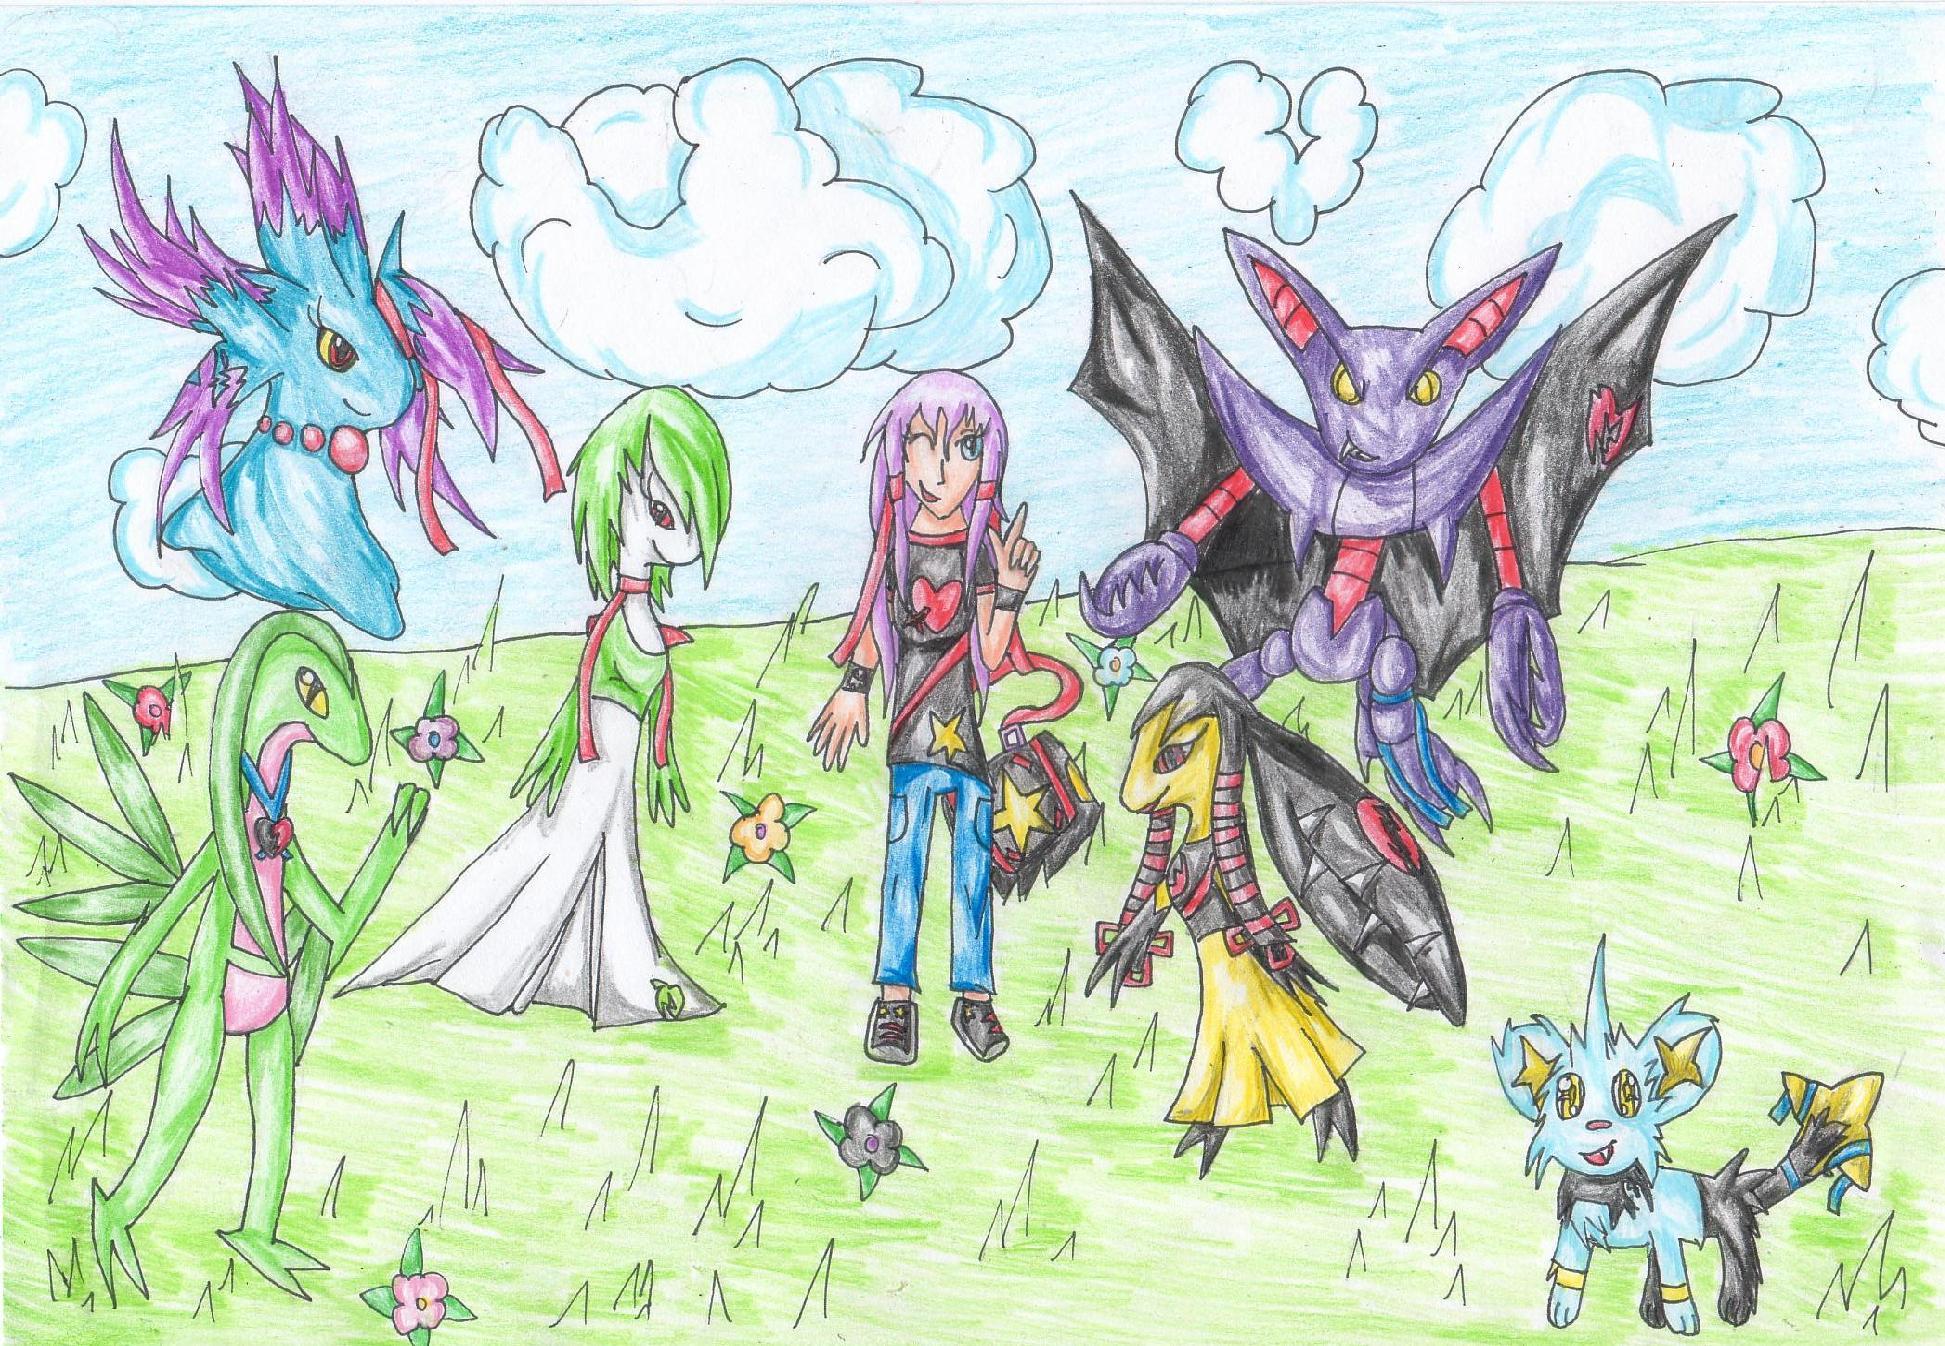 Pokémon-Zeichnung: Shiritsu's Pokemon Team